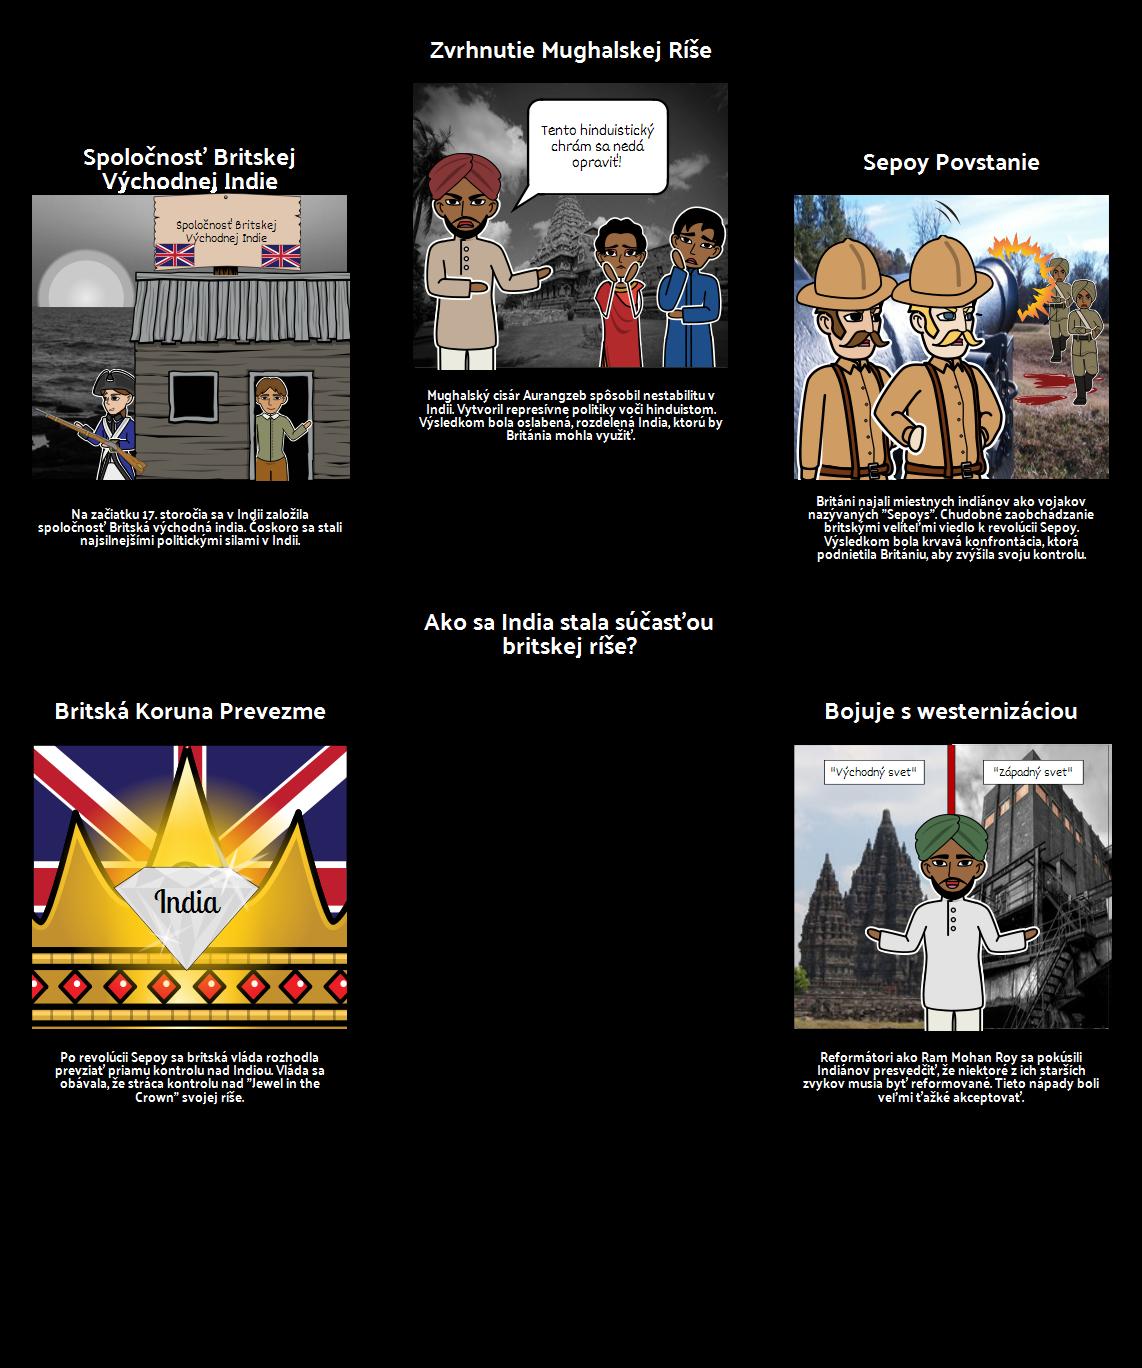 História Imperializmu - Zahrnutie Indie do Britskej Ríše